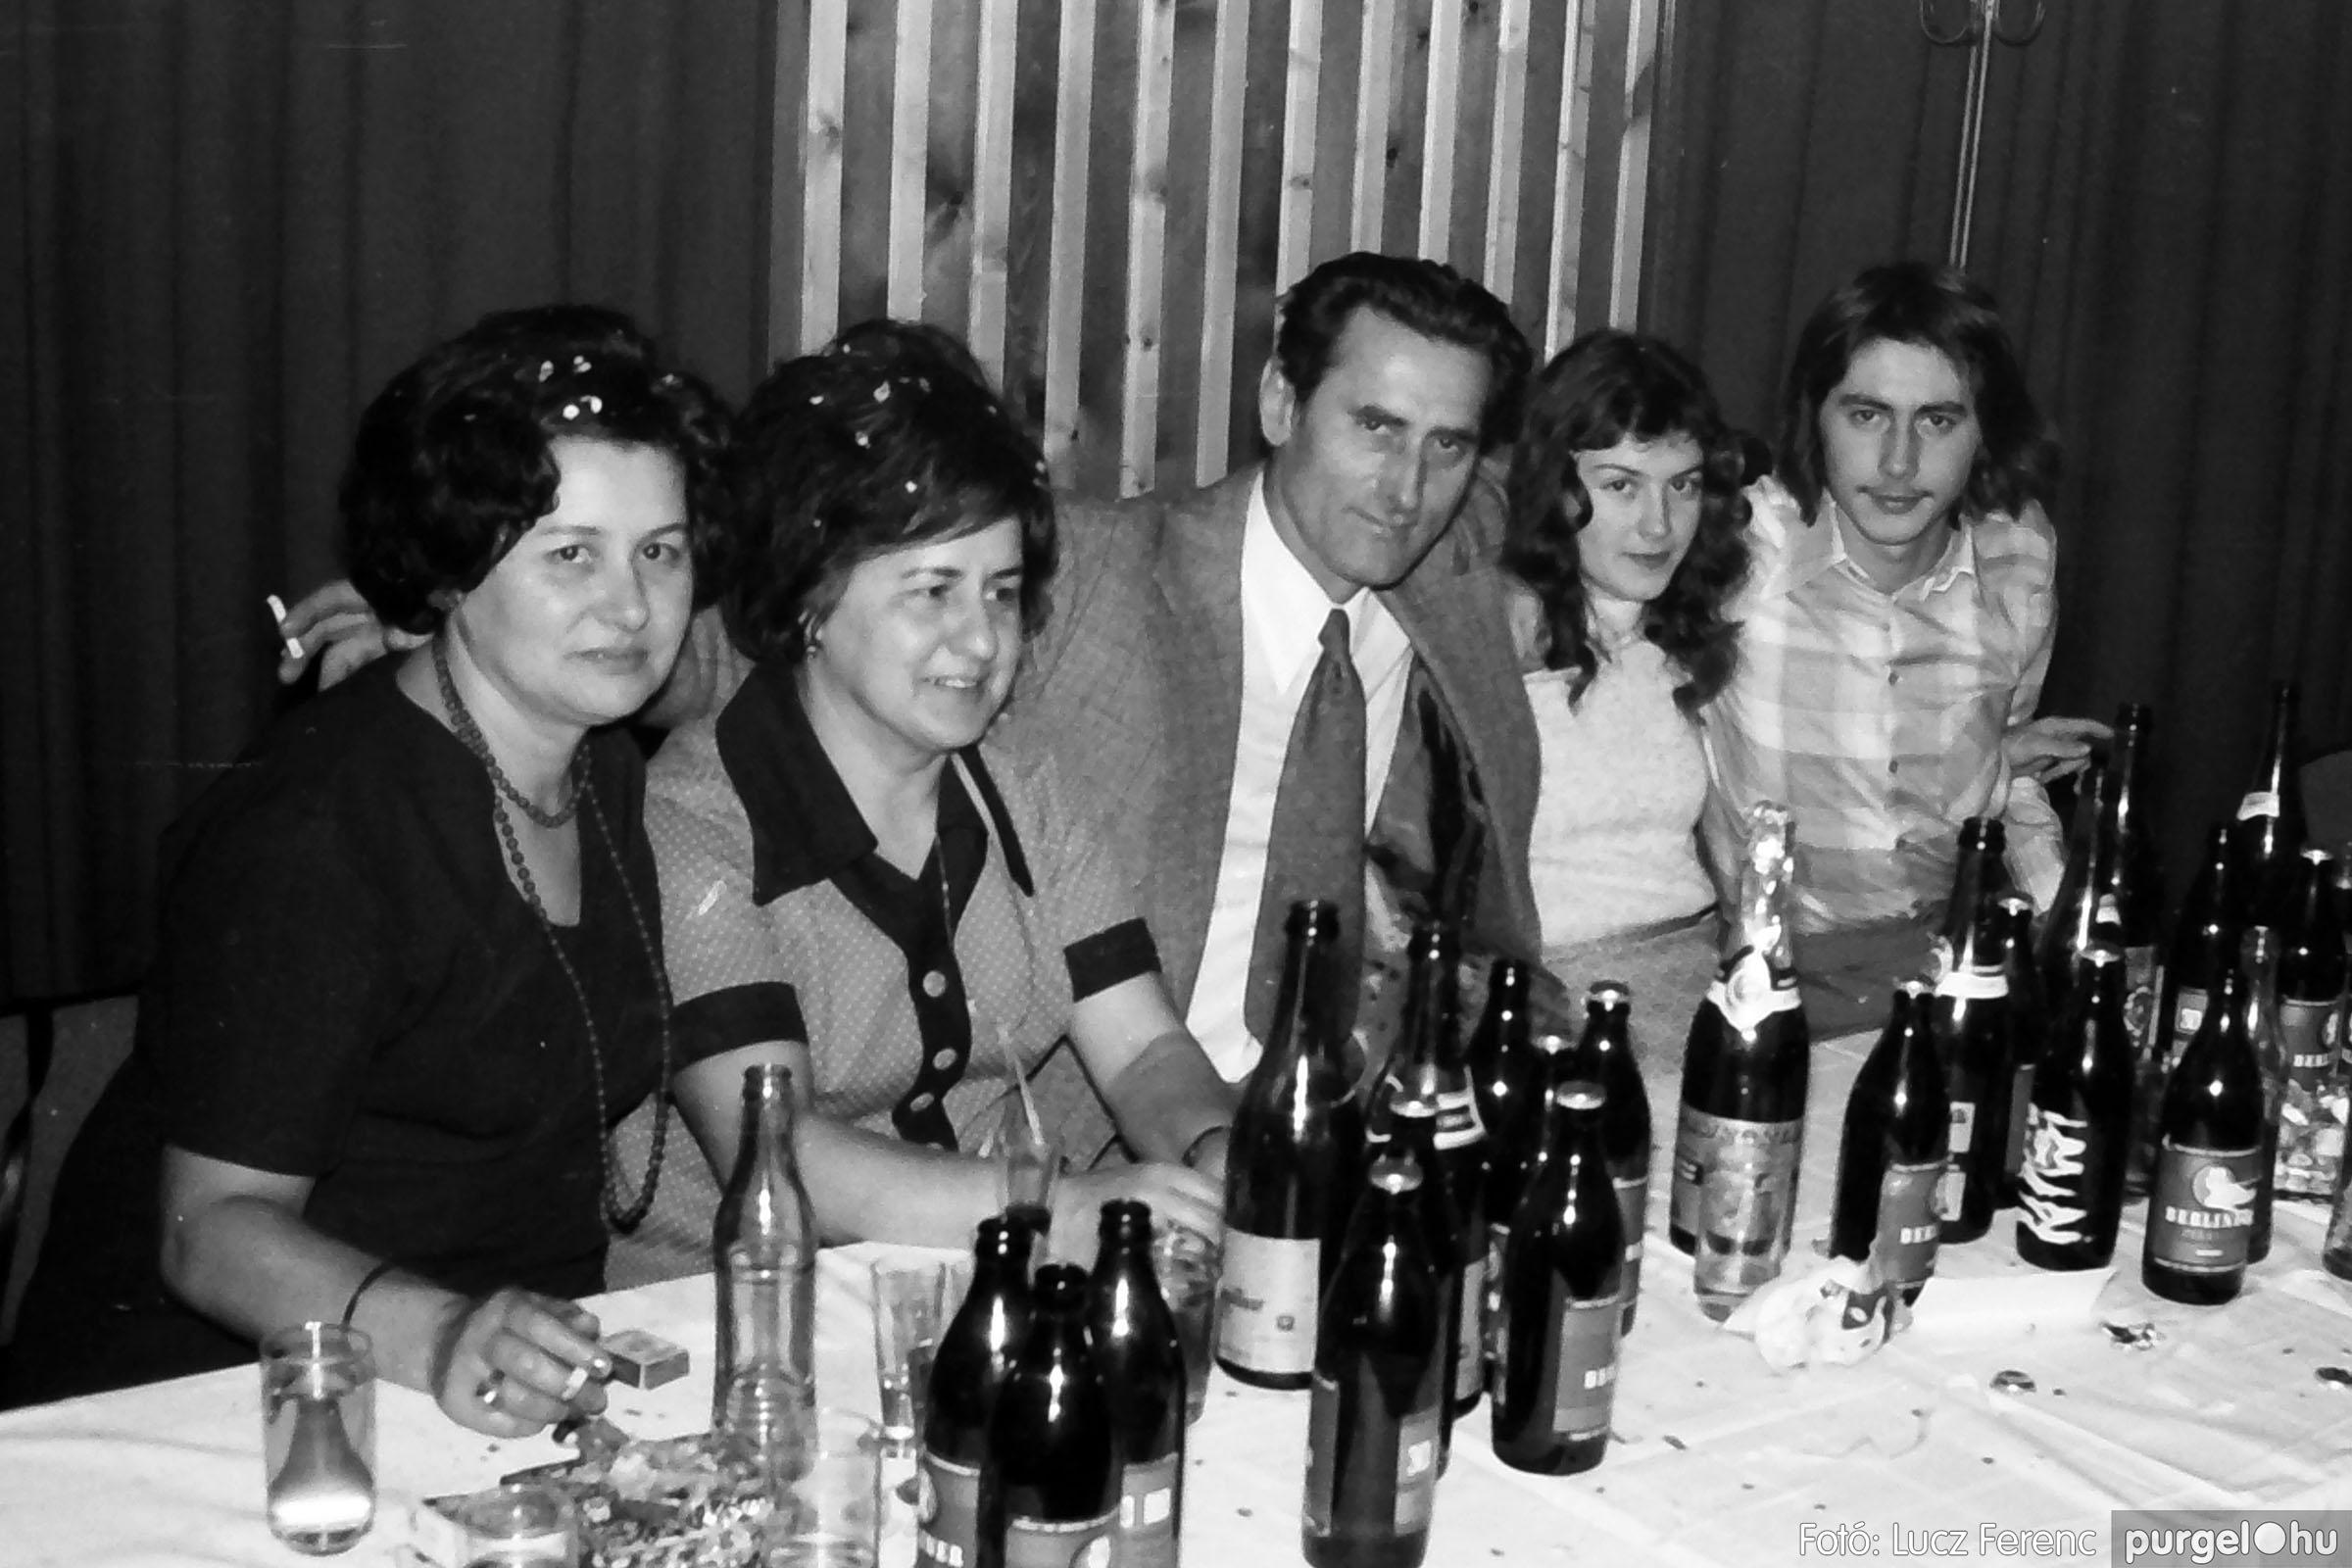 030. 1975.12.31. Szilveszter a kultúrházban 026 - Fotó: Lucz Ferenc.jpg